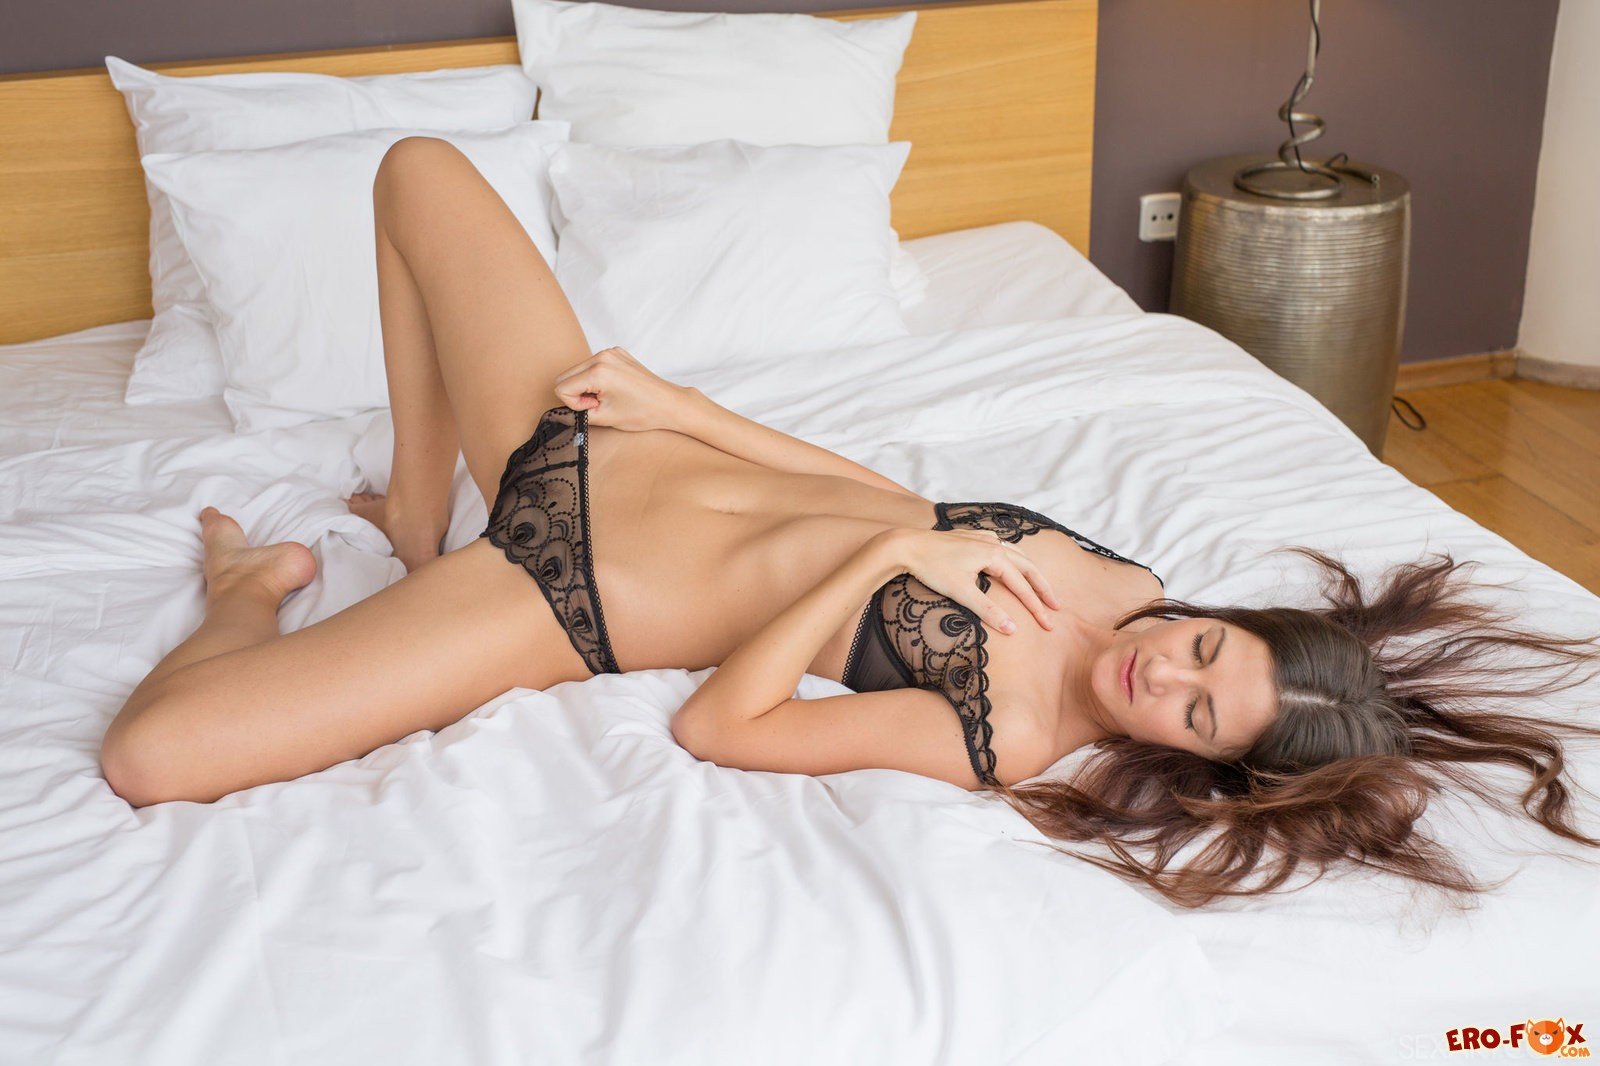 Красивая девушка снимает трусики и лифчик в постели